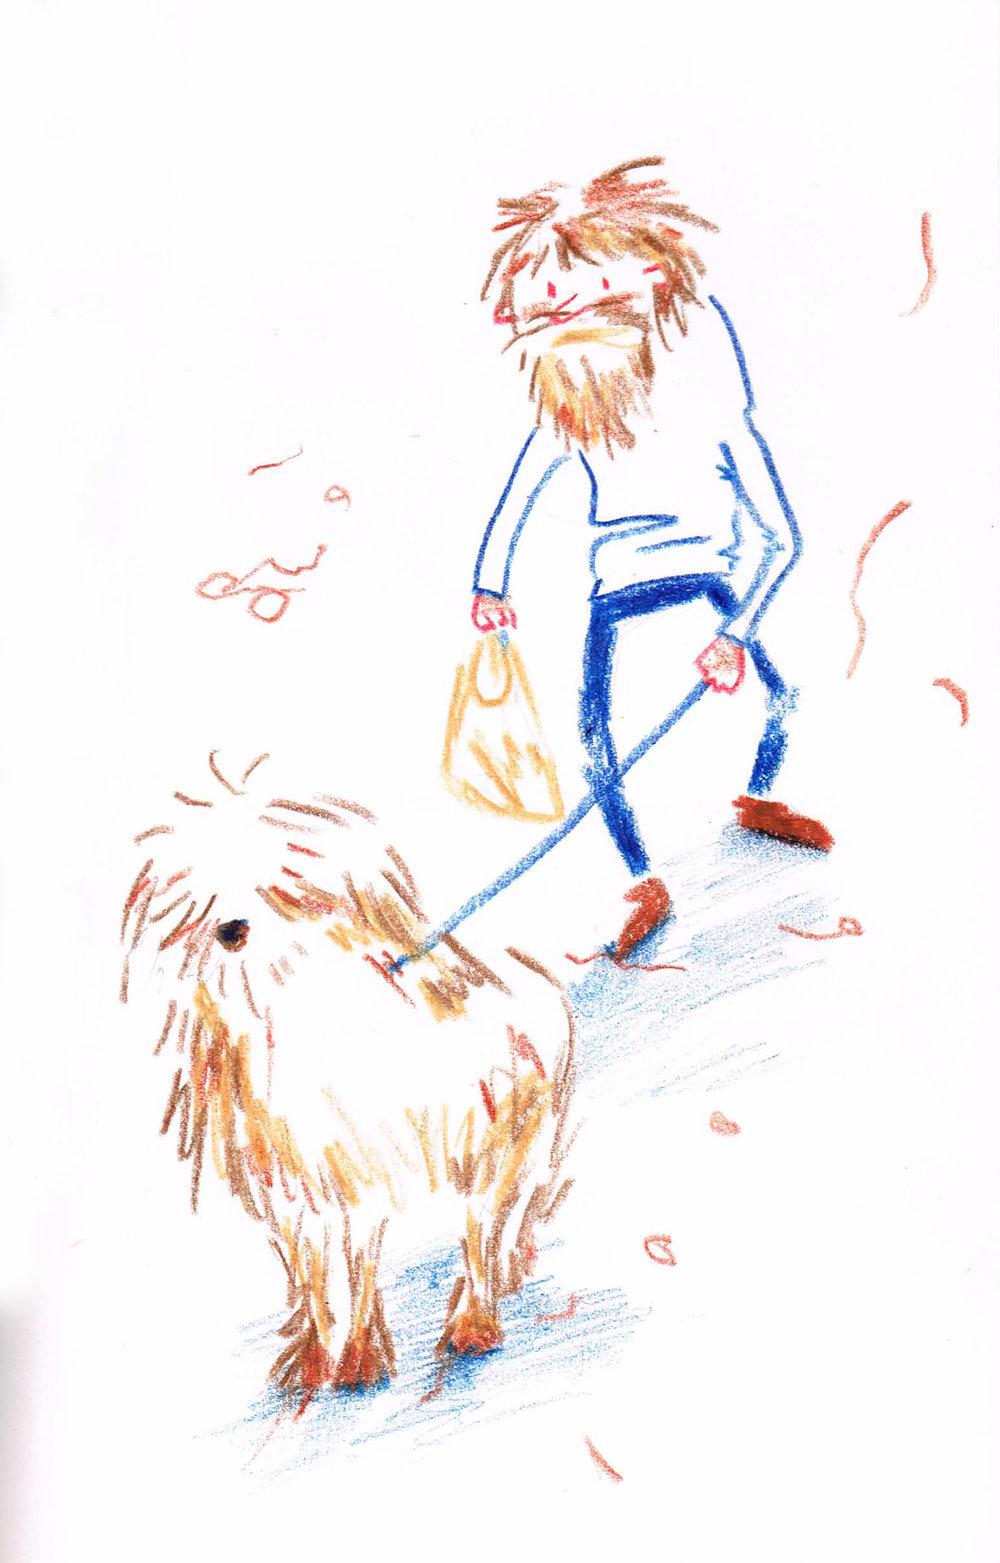 Hoe et son chien.jpg